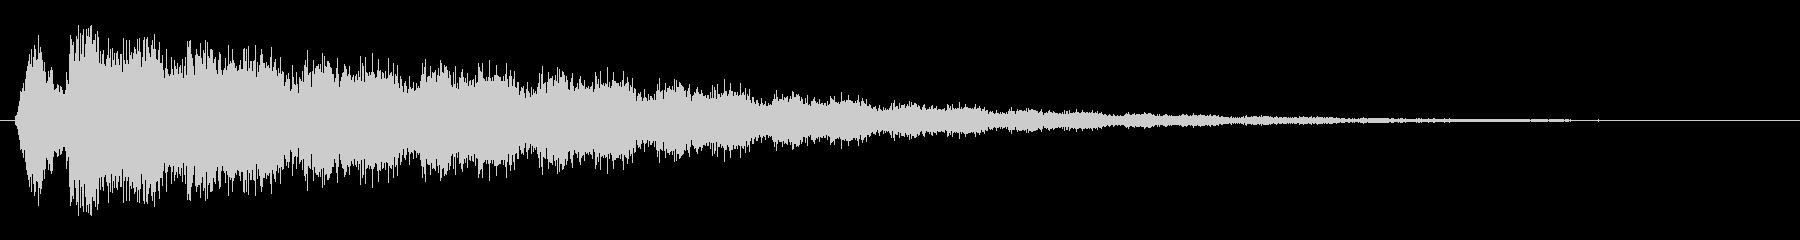 レーザービーム発射(プシュシュシュシュ)の未再生の波形